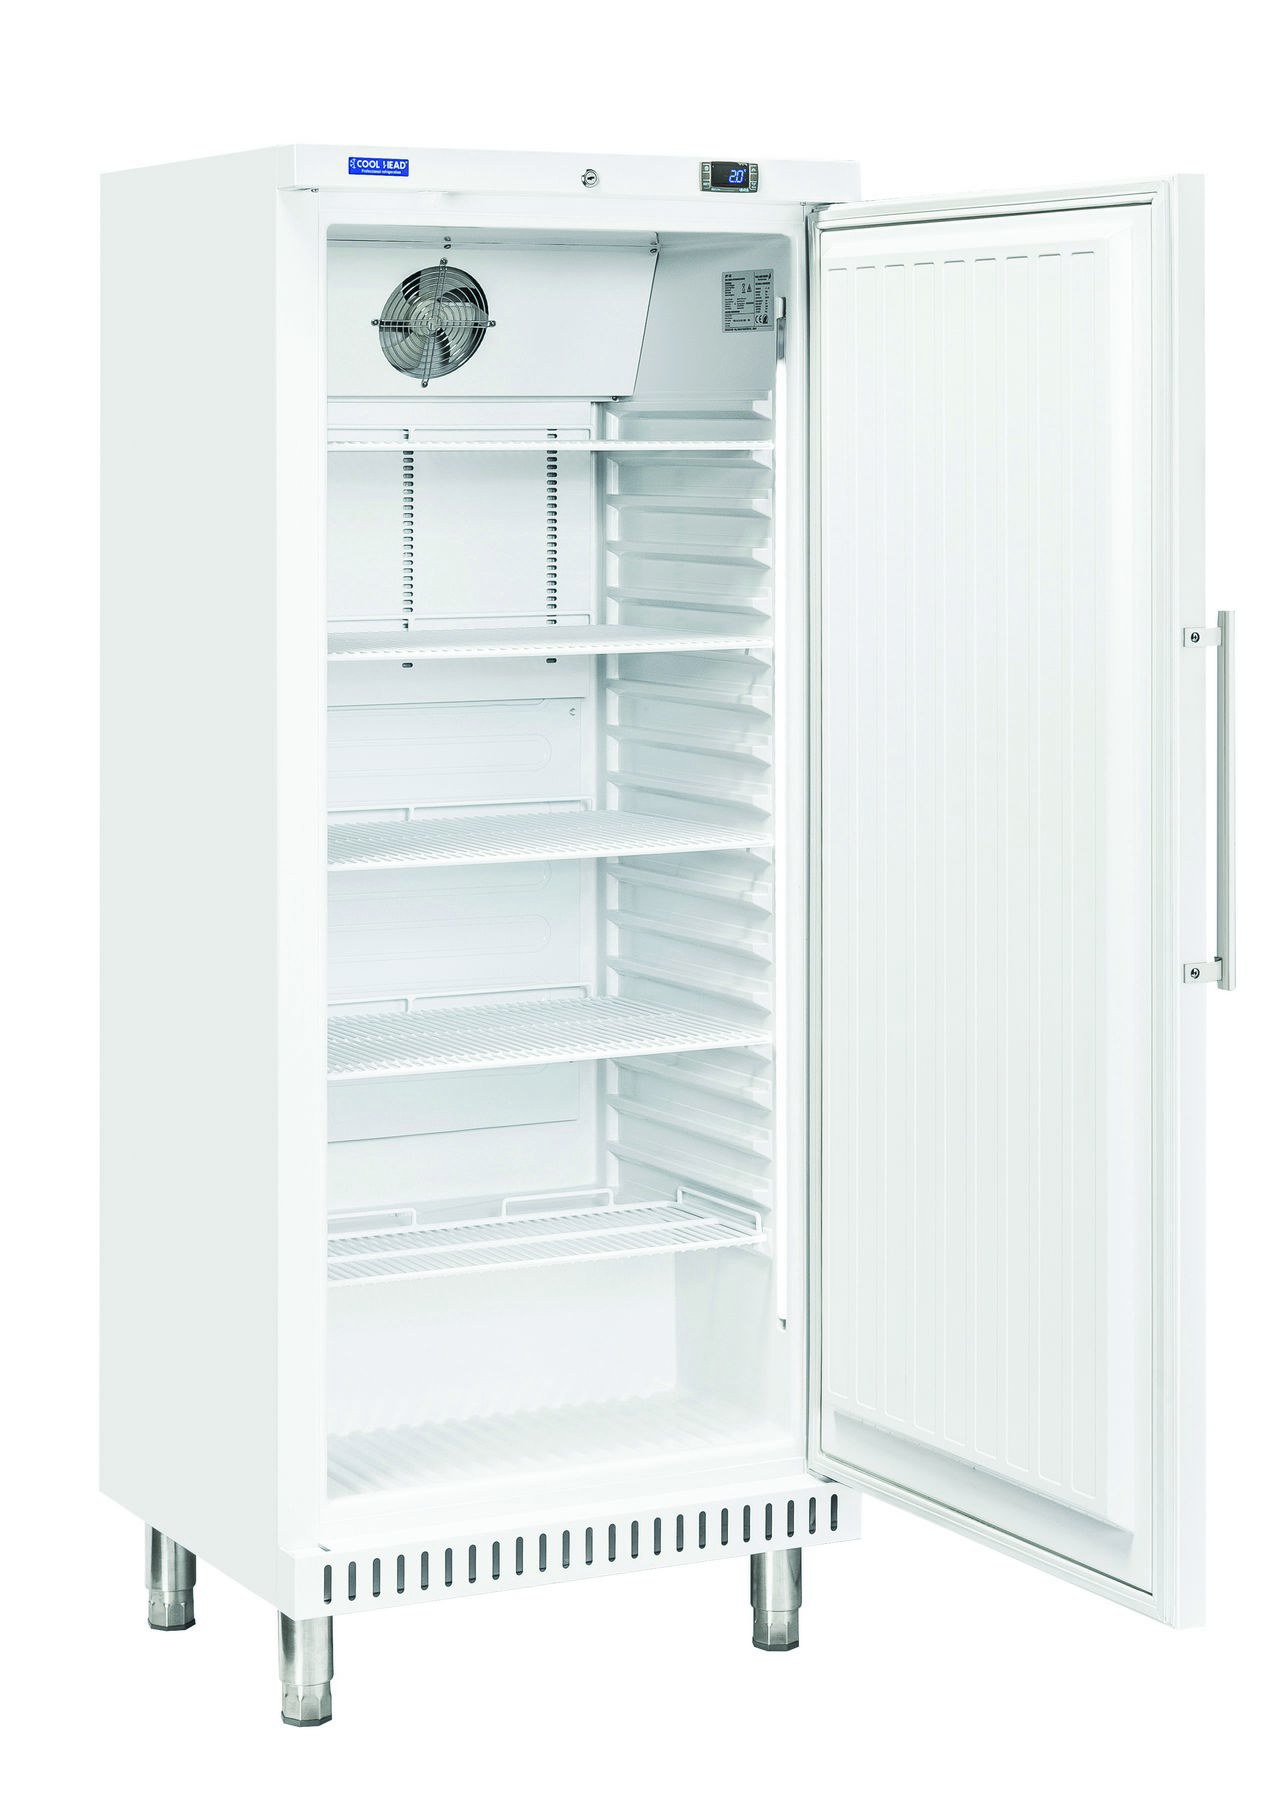 400 literes cukrászati hűtő, ventilációs hűtéssel, teli ajtóval, fehér